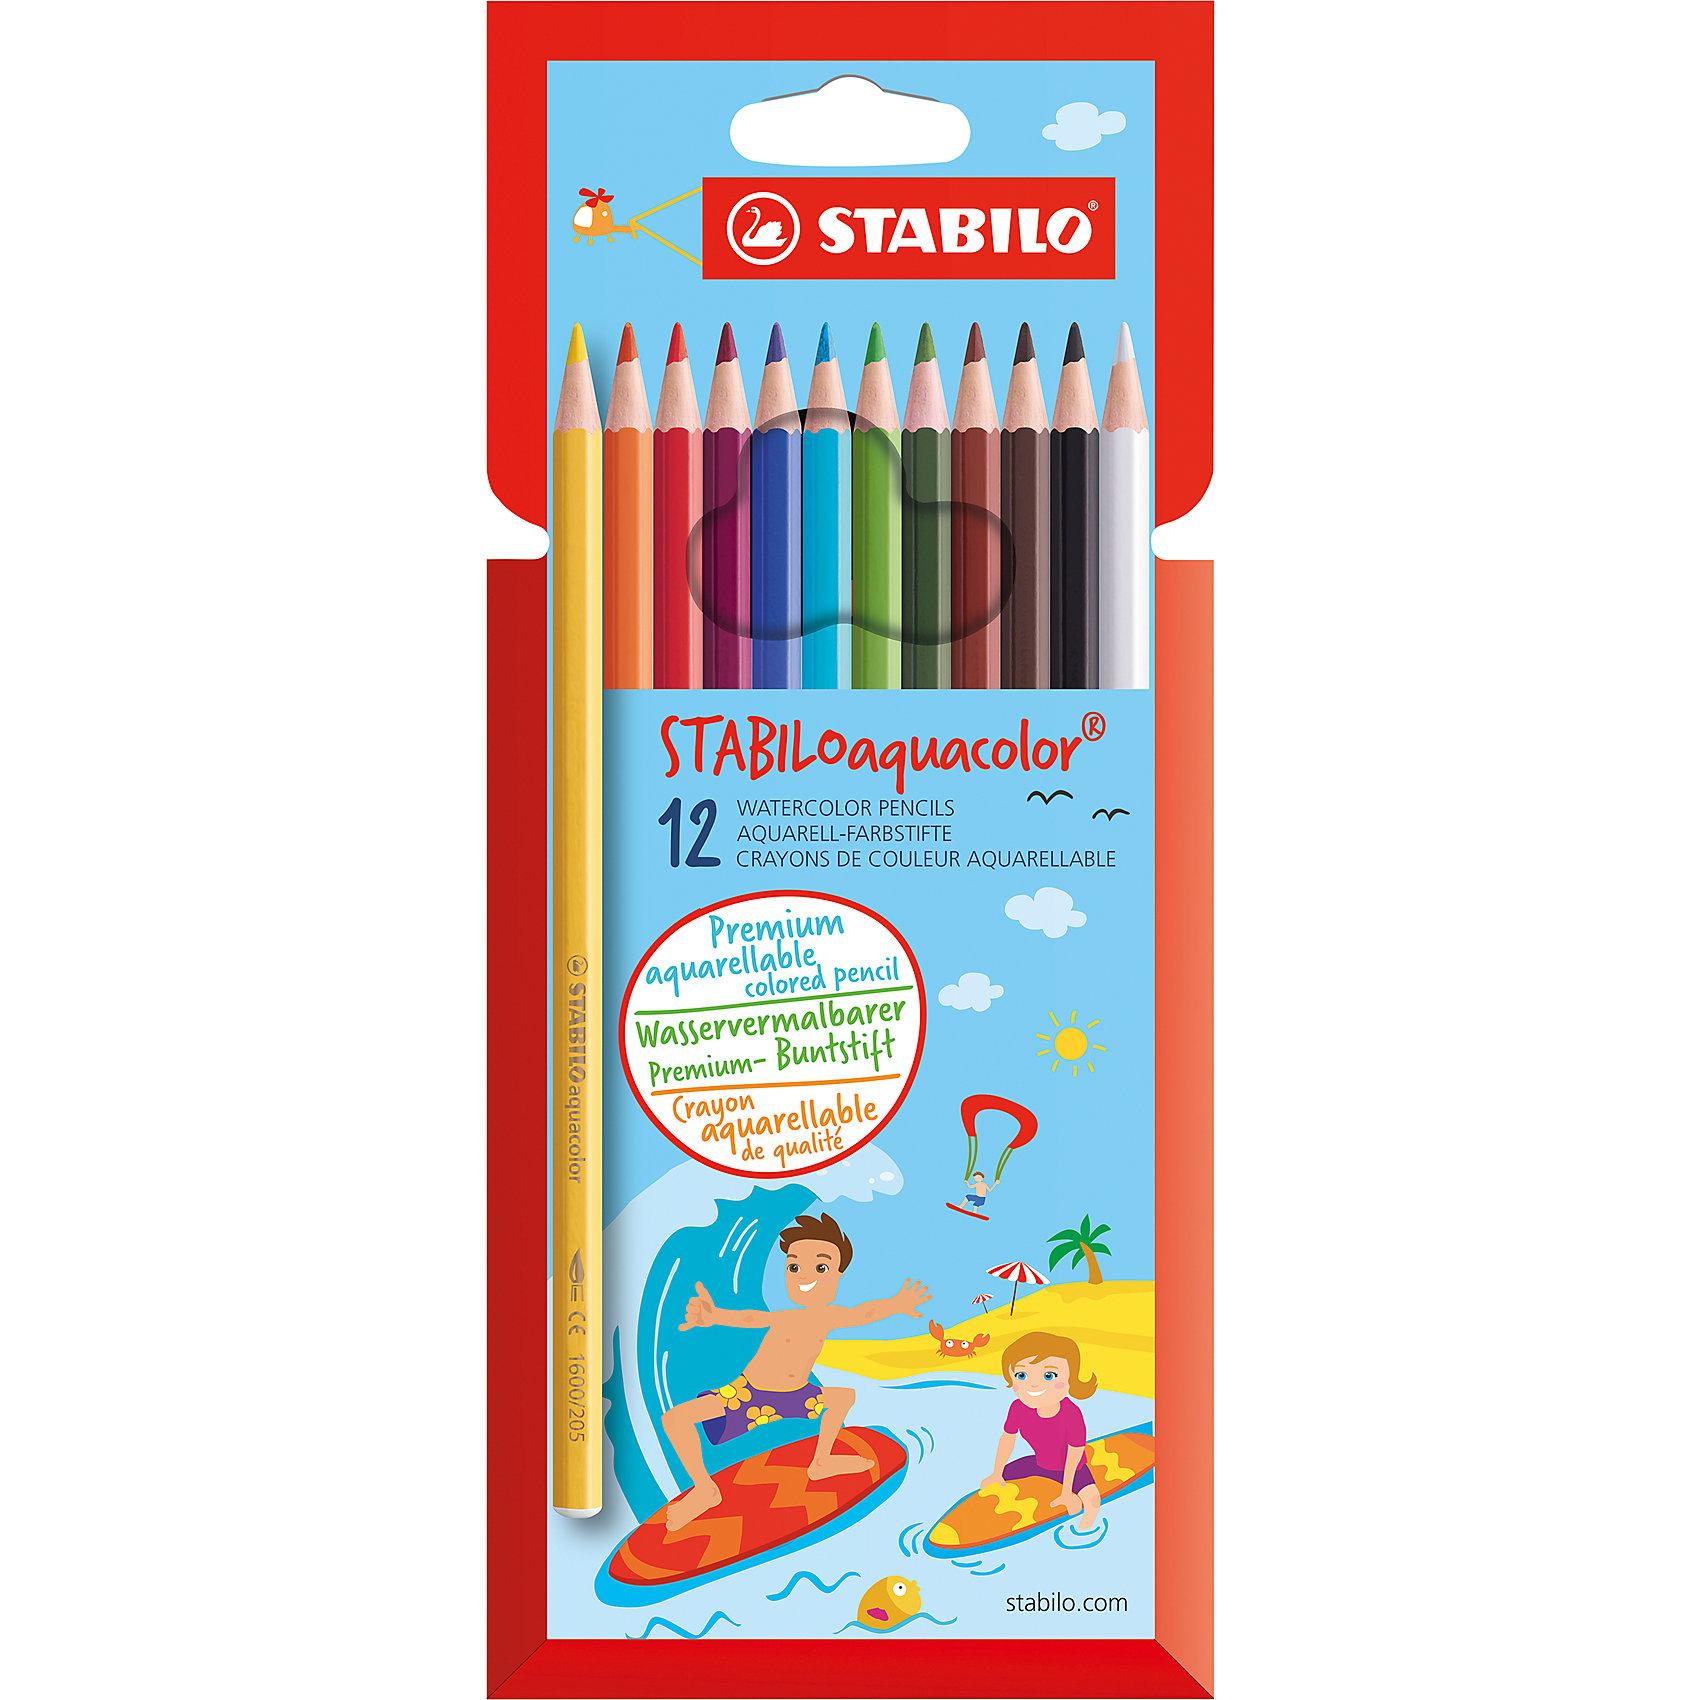 Карандаши цветные 12цв AQUACOLORПисьменные принадлежности<br>Характеристики:<br><br>• возраст: от 3 лет<br>• в наборе: 12 цветных карандашей<br>• материал корпуса: древесина<br>• упаковка: картонный футляр<br>• размер упаковки: 21х8,5х0,8 см.<br><br>Акварельные цветные карандаши STABILO Aquacolor предназначены для создания рисунков с эффектом акварельных красок. Карандаши не ломаются при рисовании и затачивании. Насыщенные цвета имеют высокую светостойкость. Цвета отлично смешиваются и позволяют создать огромное количество оттенков.<br><br>Карандаши цветные 12цв AQUACOLOR можно купить в нашем интернет-магазине.<br><br>Ширина мм: 8<br>Глубина мм: 210<br>Высота мм: 85<br>Вес г: 60<br>Возраст от месяцев: 36<br>Возраст до месяцев: 2147483647<br>Пол: Унисекс<br>Возраст: Детский<br>SKU: 6873781